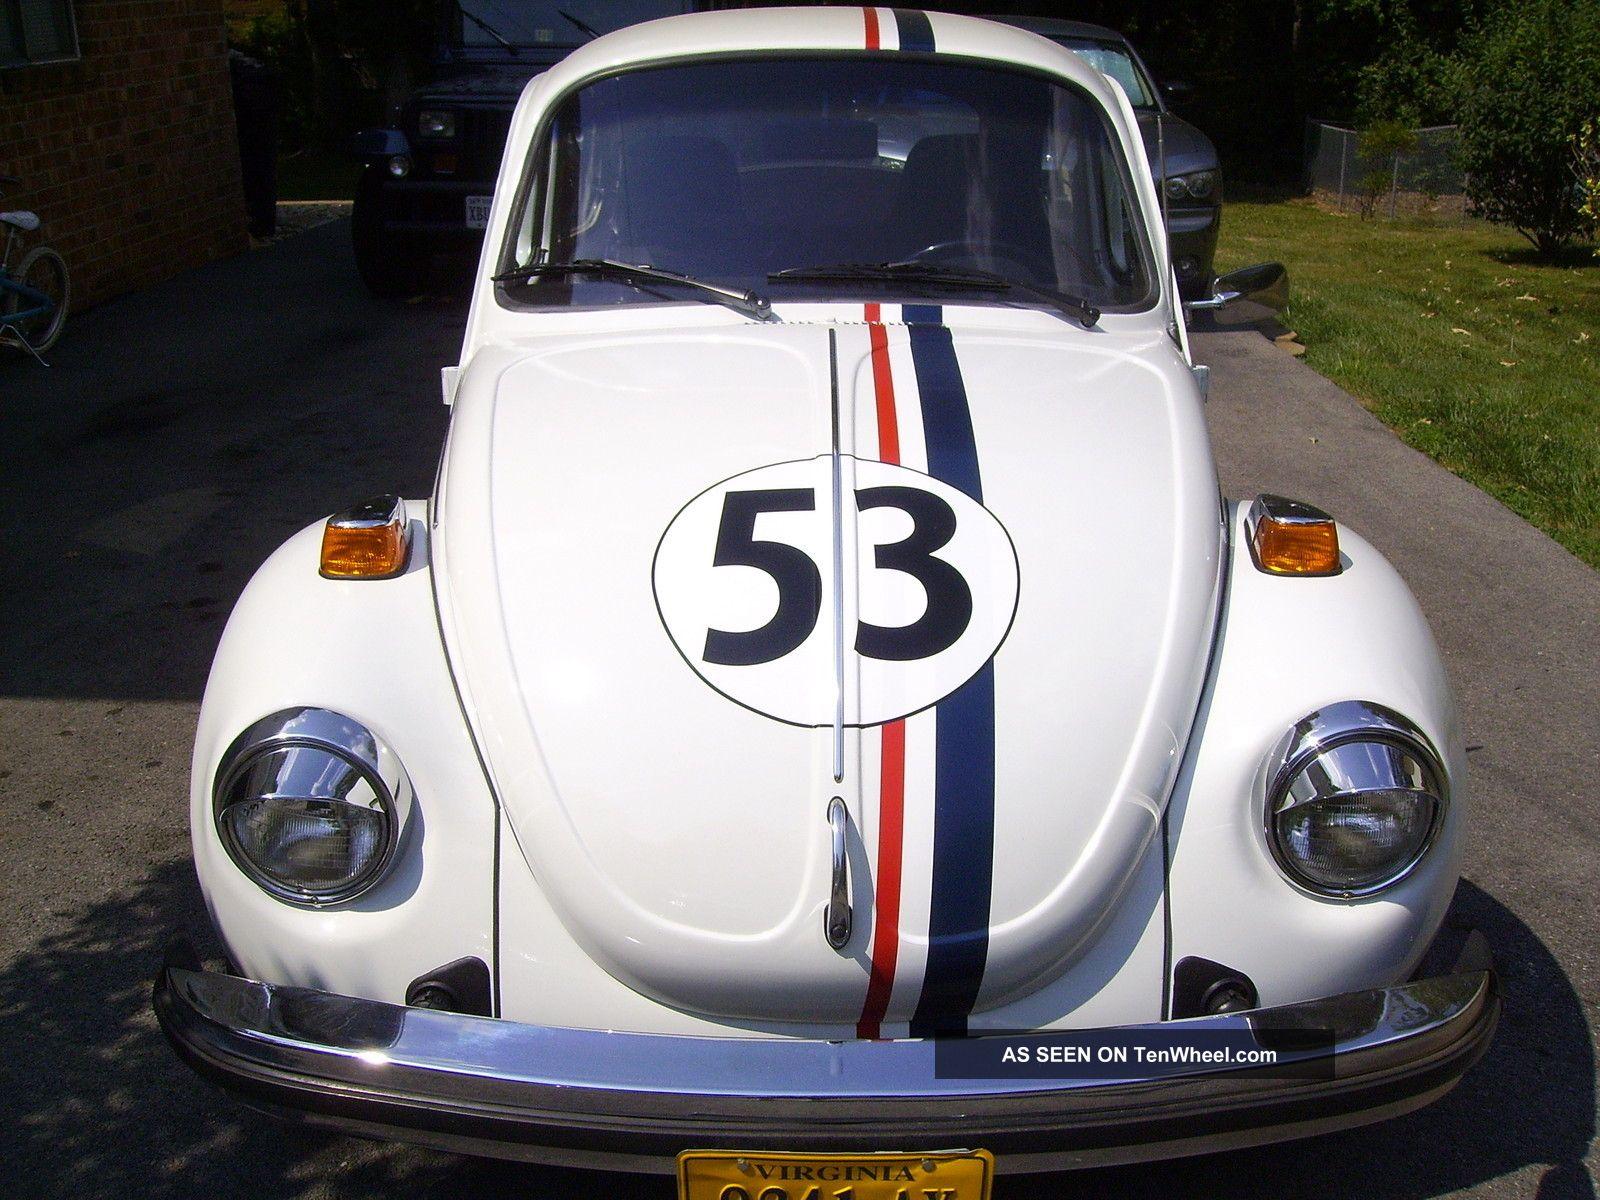 1974 Vw Beetle Bug Her...